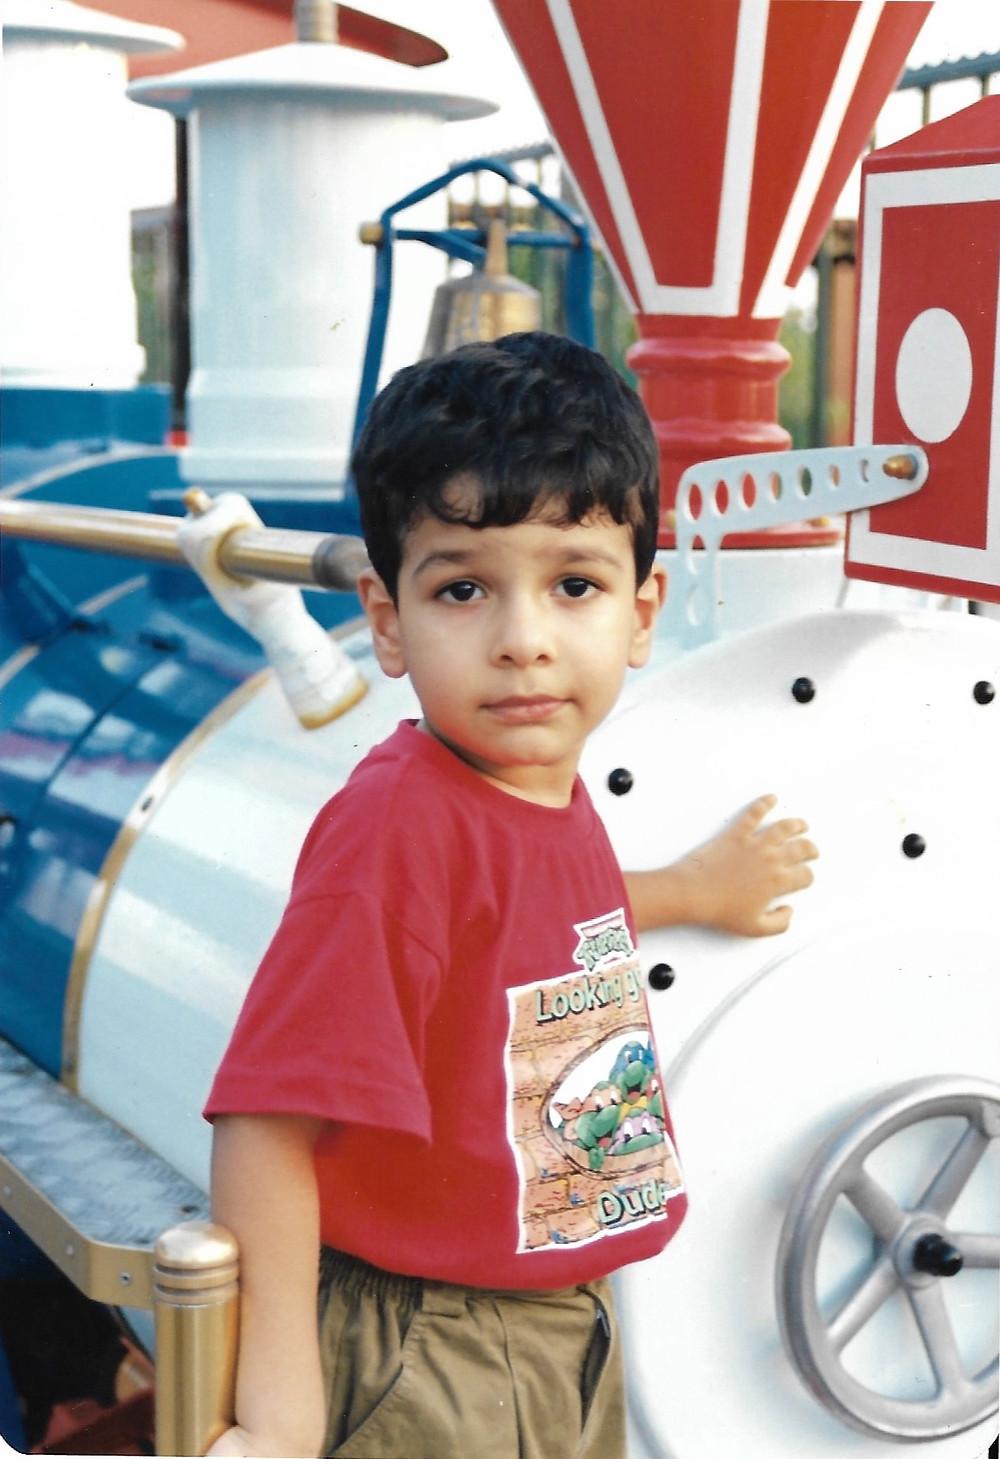 Hamad Alghareeb